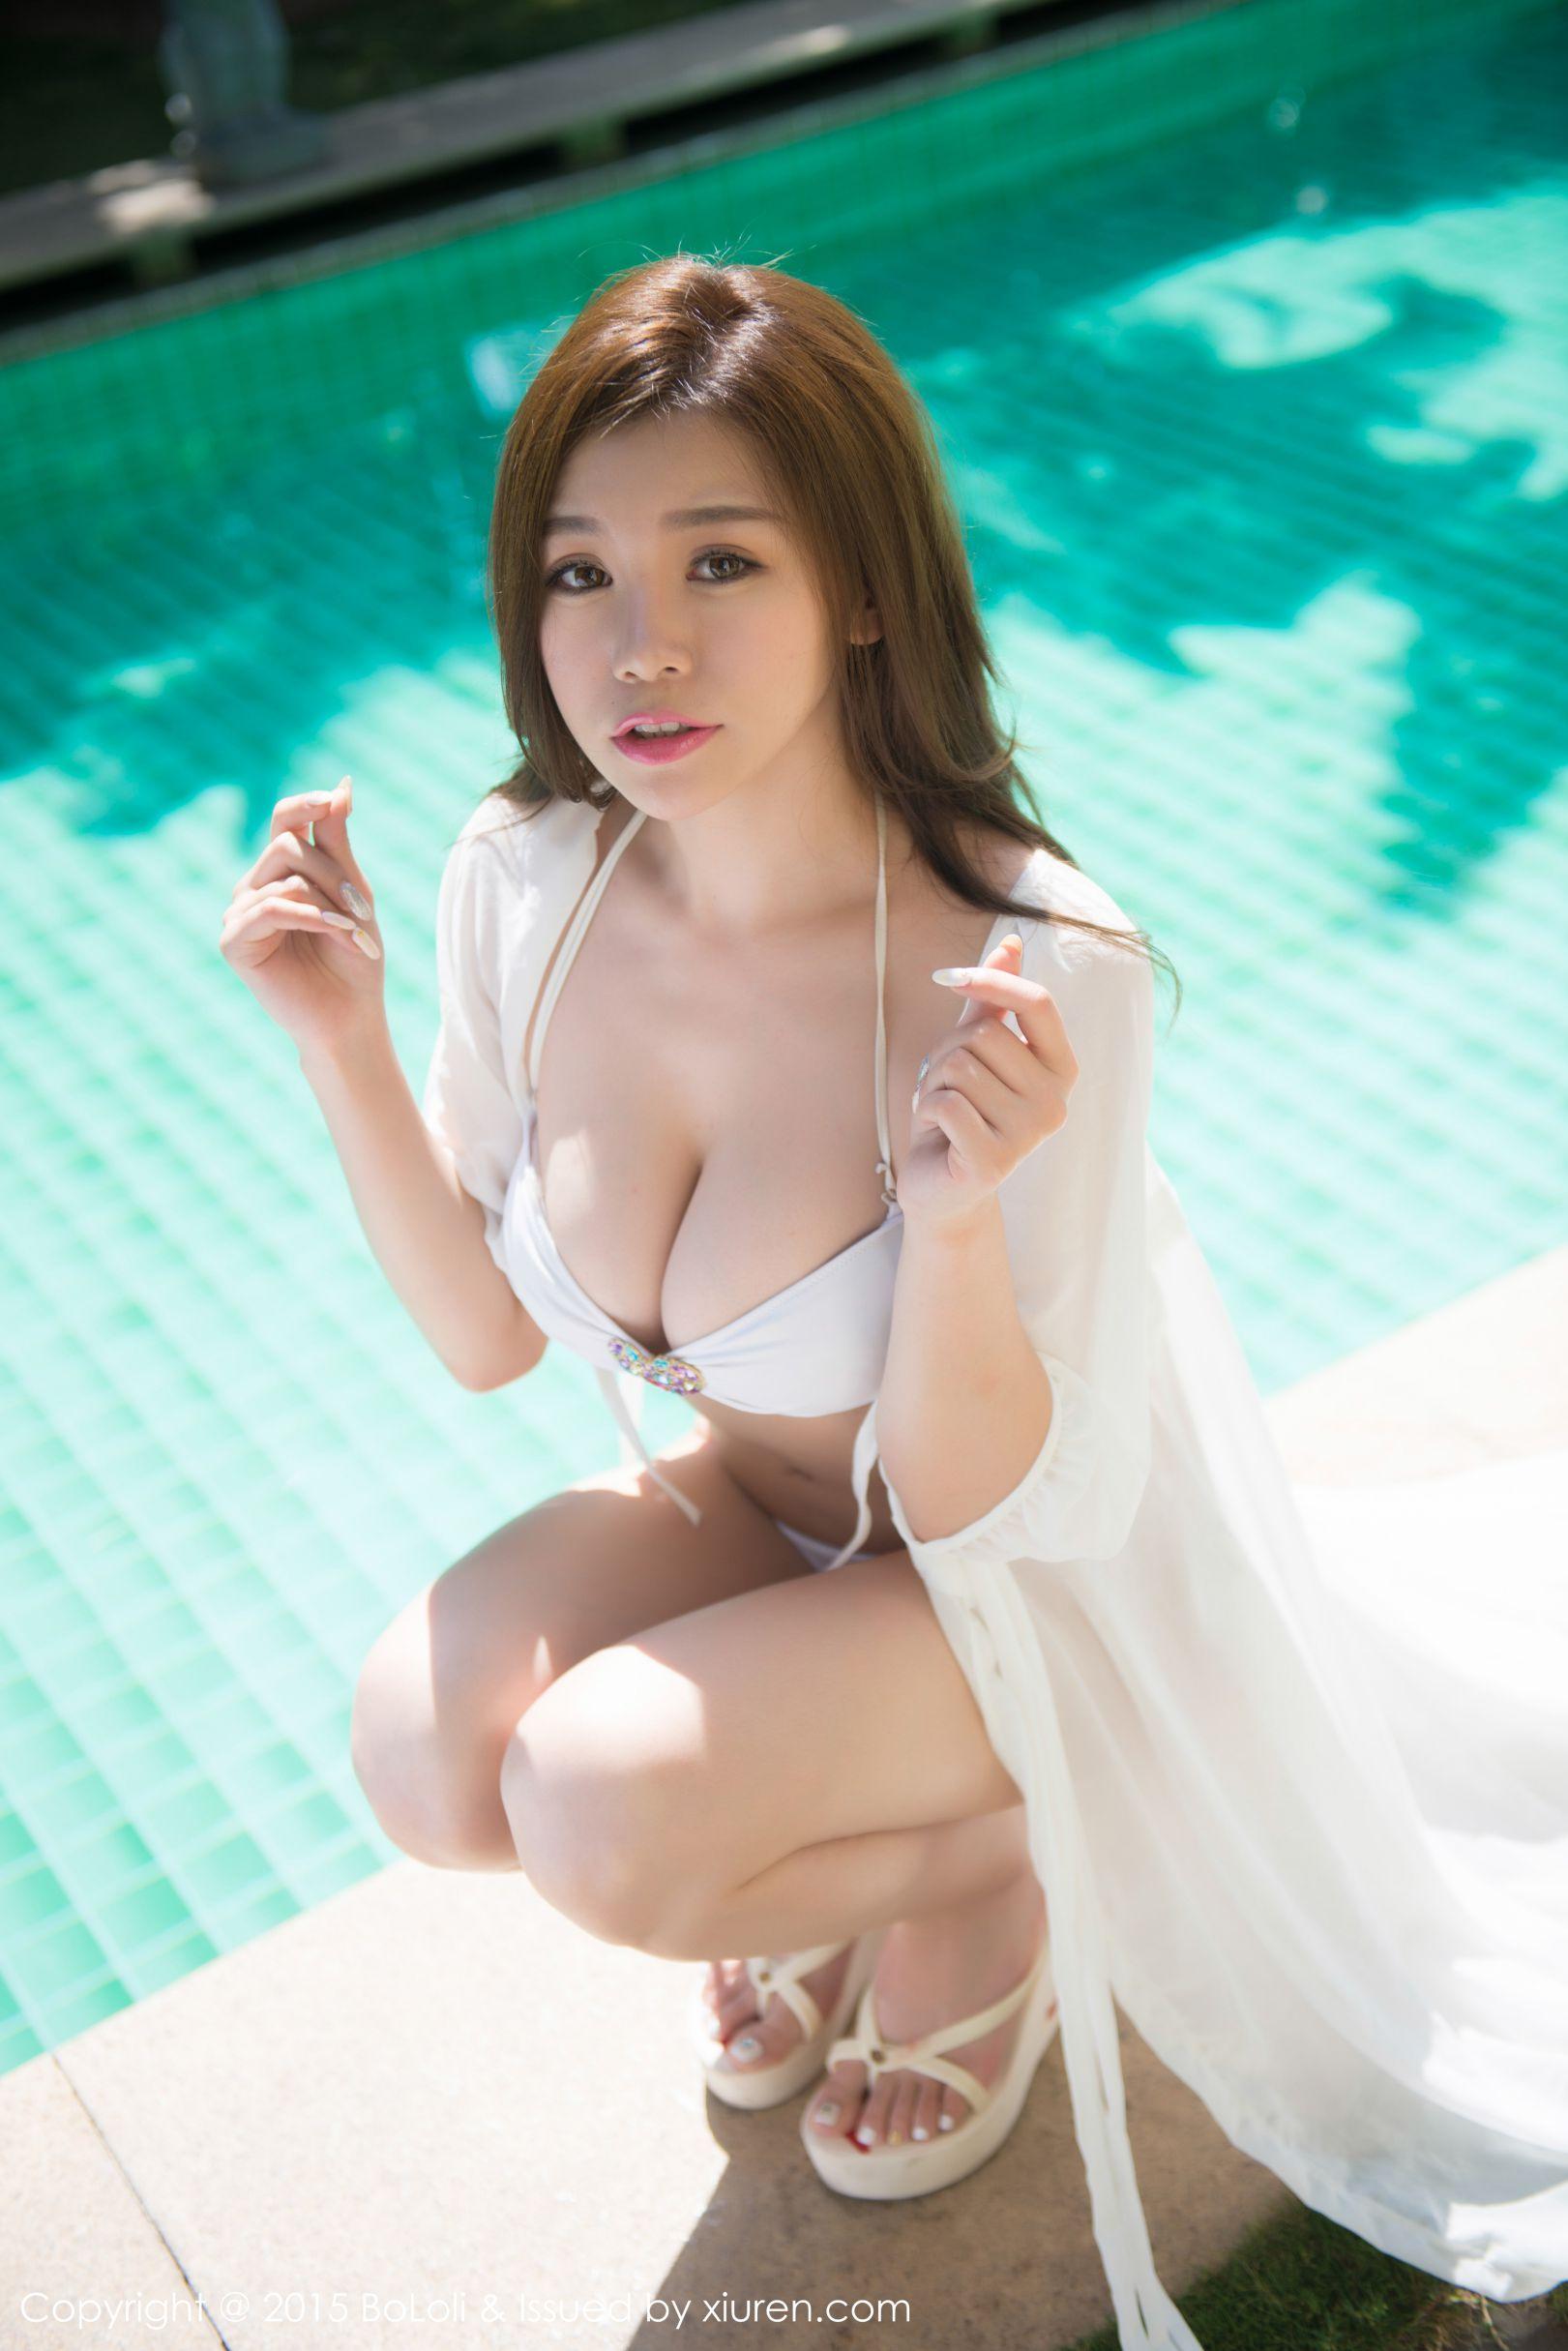 刘娅希 - 三亚旅拍